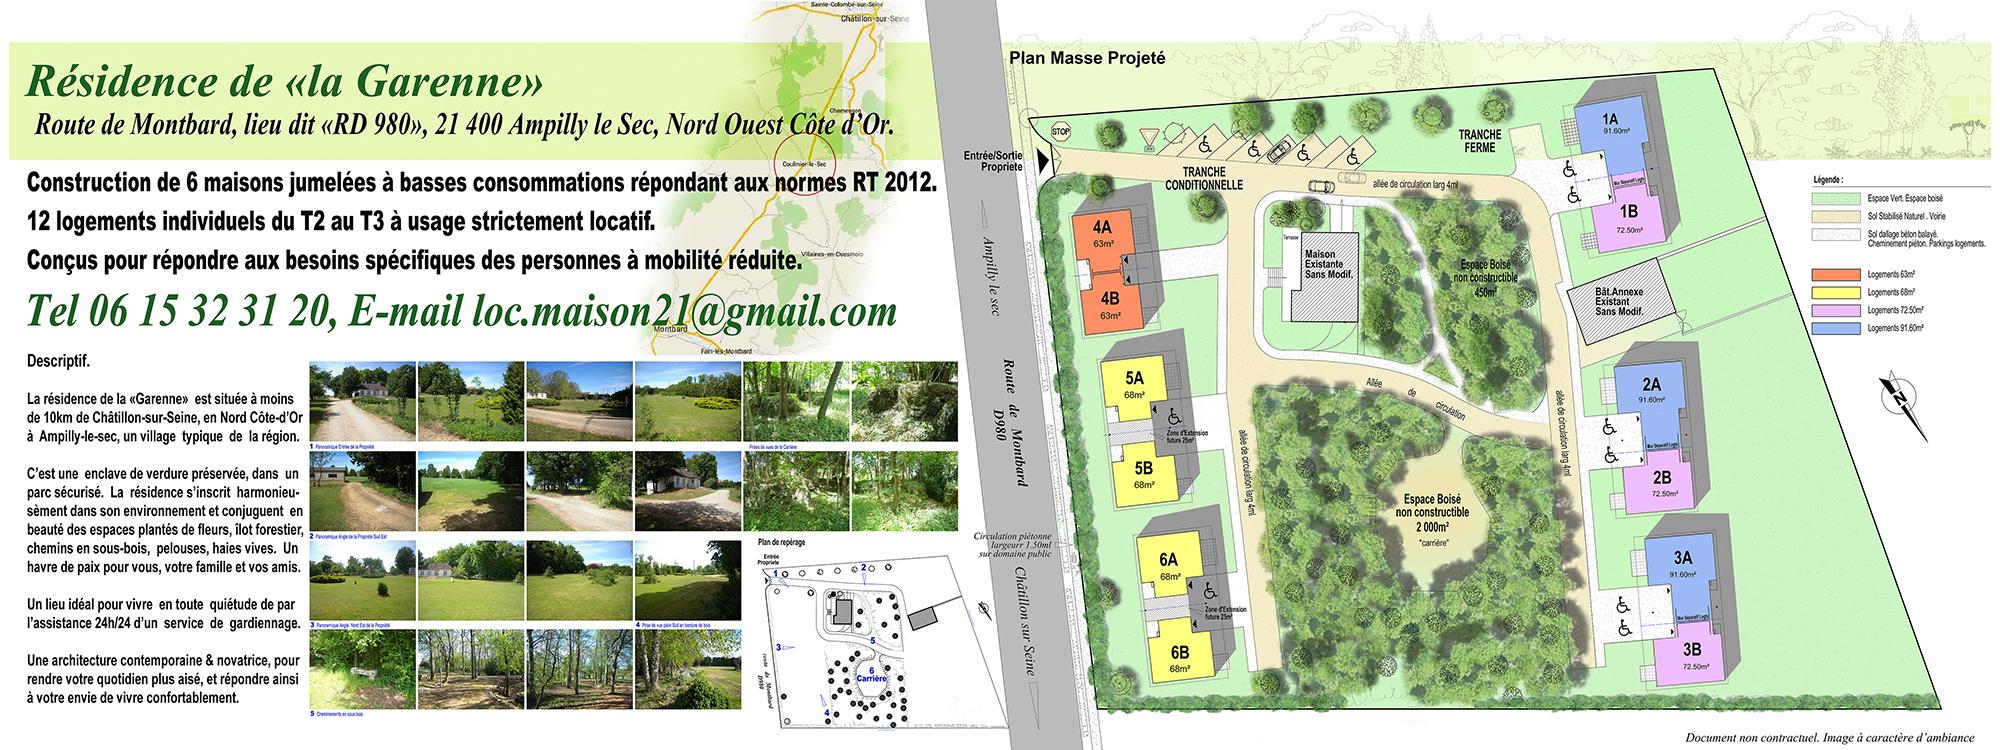 PANNEAU 1 web PLAN MASSE 18 11 2014